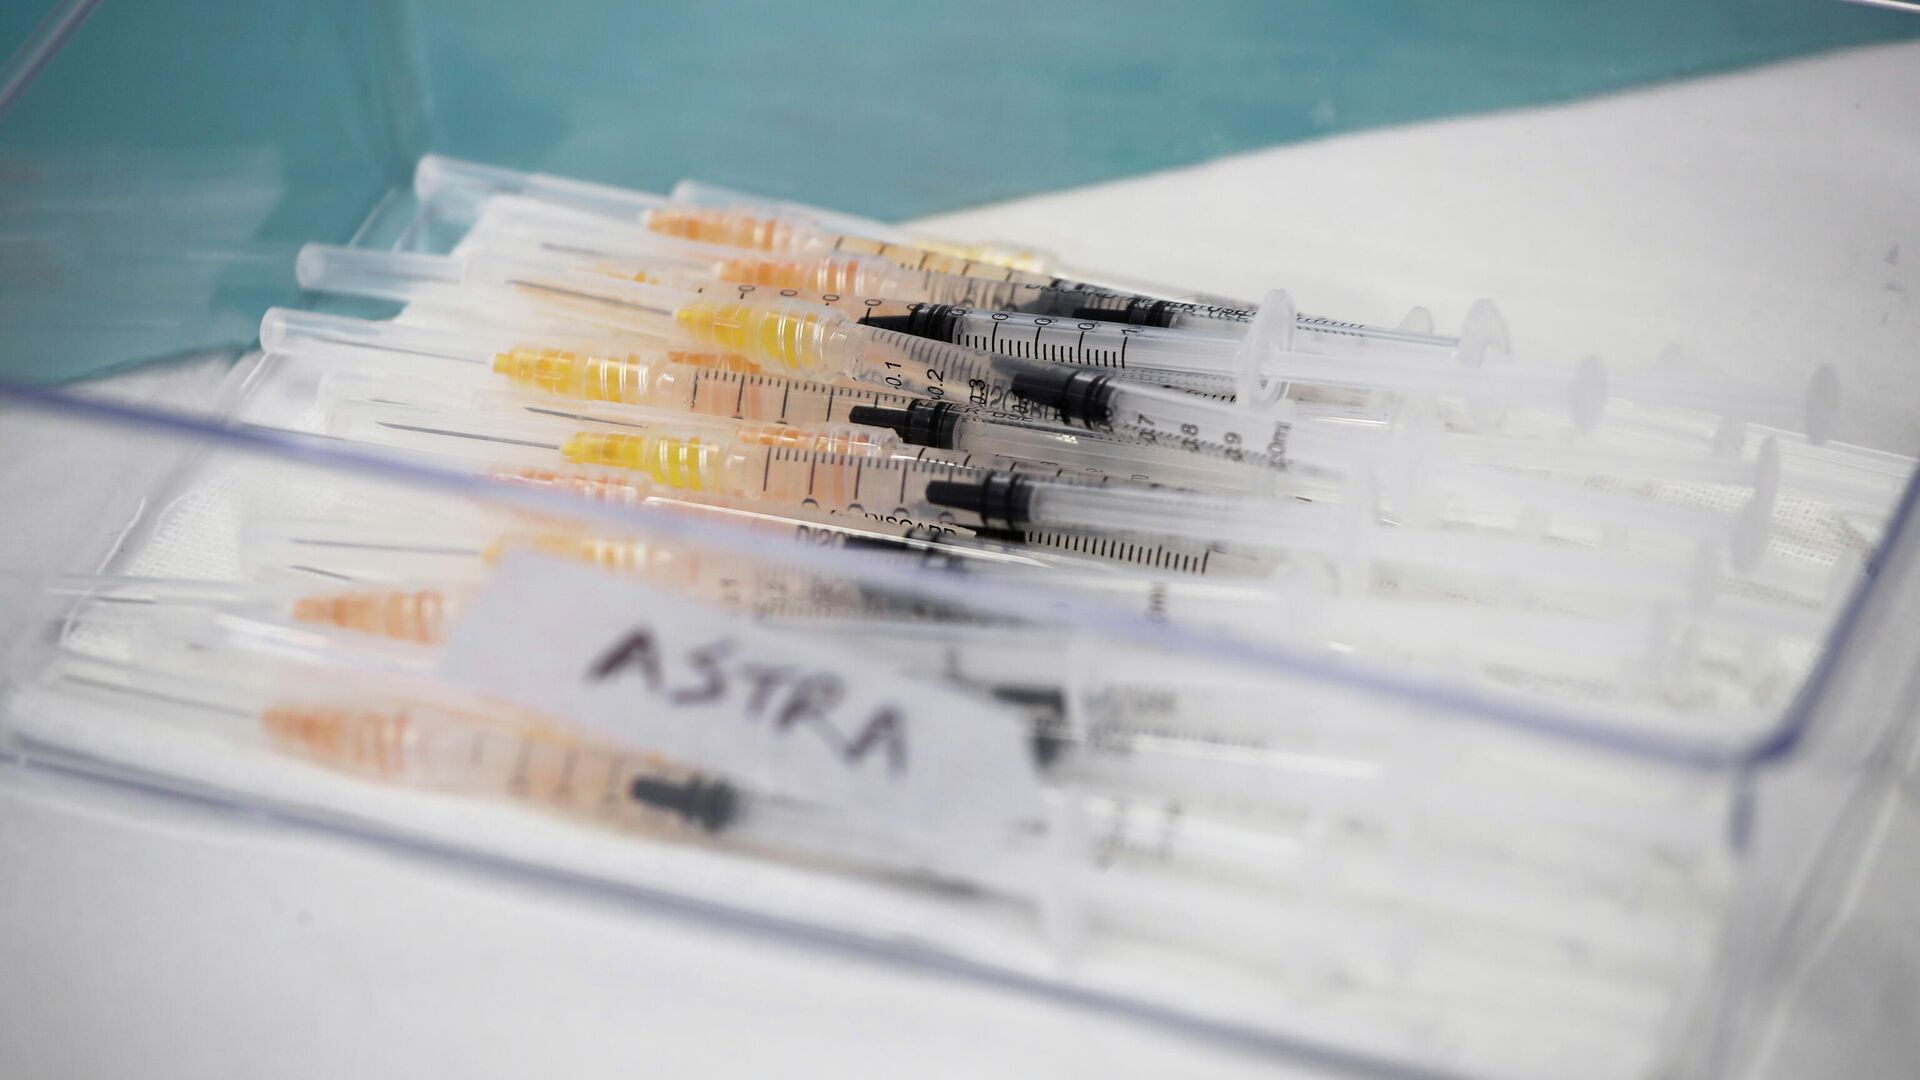 Unas jeringas con la vacuna de AstraZeneca contra COVID-19 (imagen referencial) - Sputnik Mundo, 1920, 14.04.2021